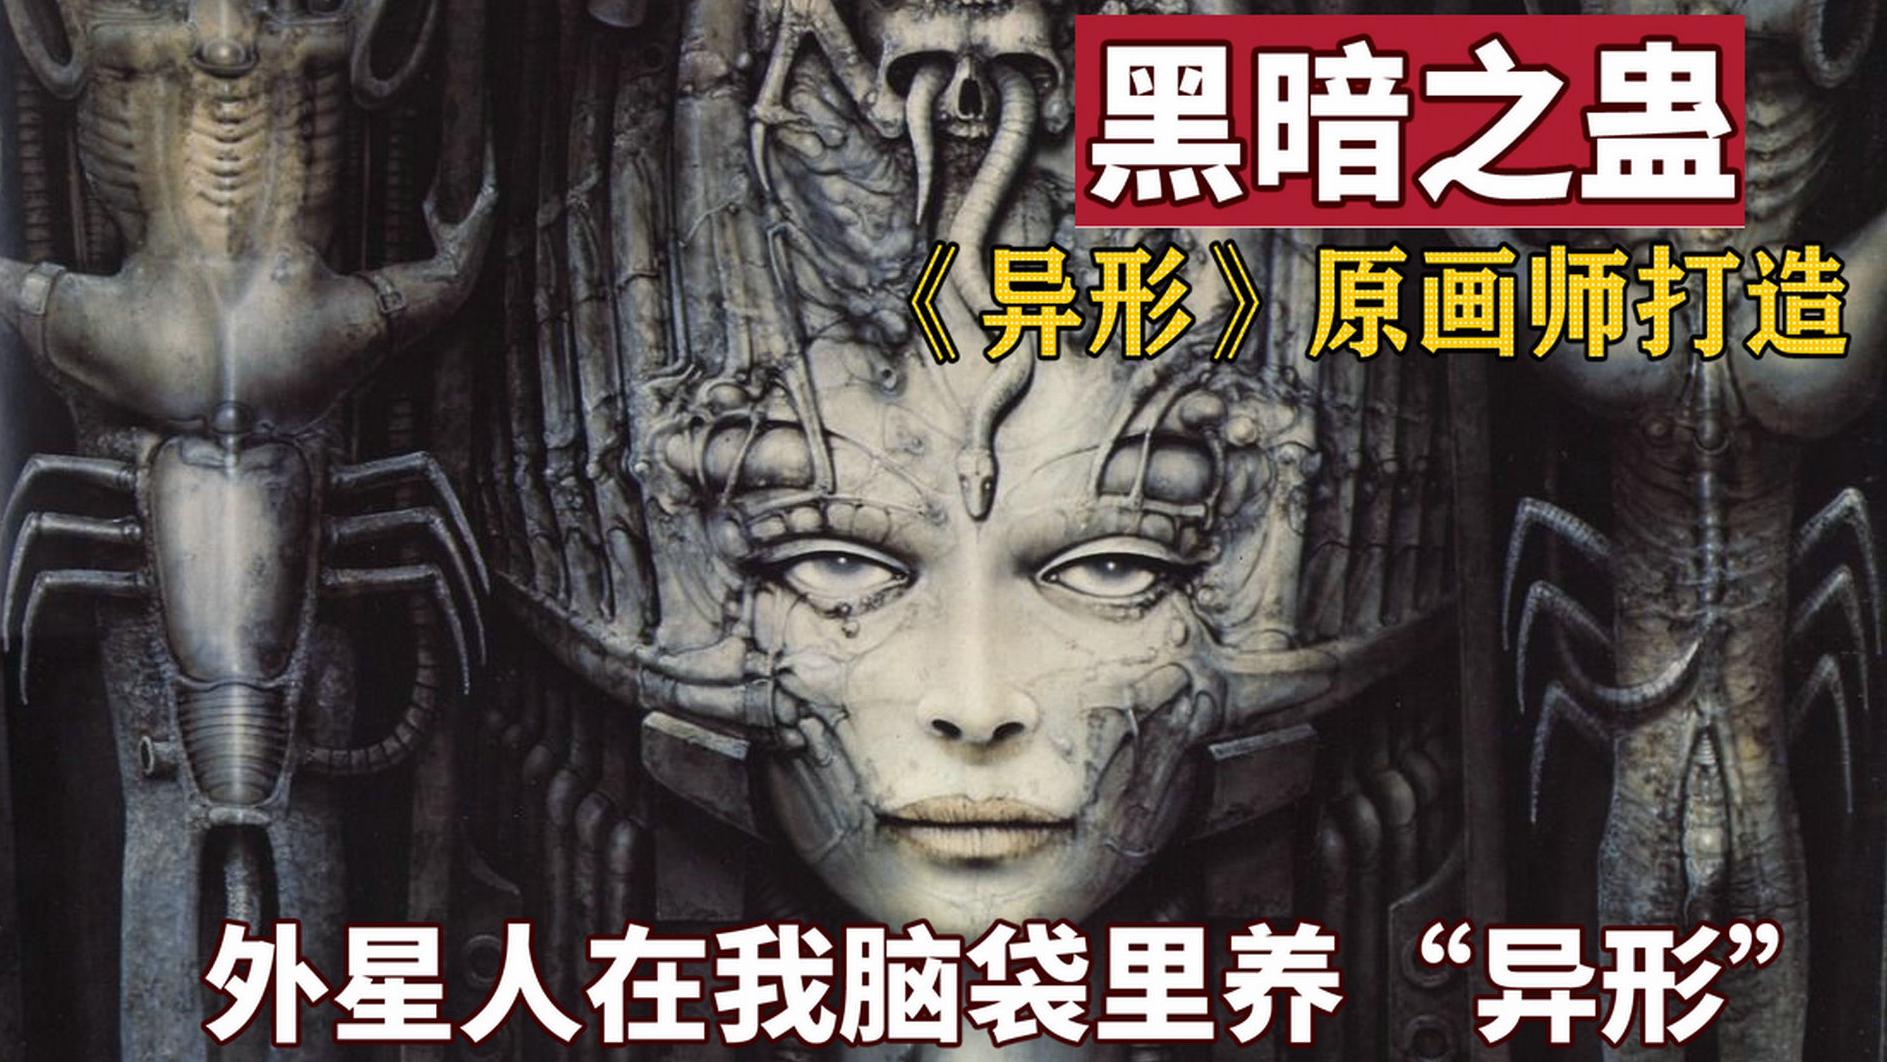 """【精读】27年前""""异形""""原画师打造的中文恐怖游戏,代入感爆炸!《黑暗之蛊》故事"""